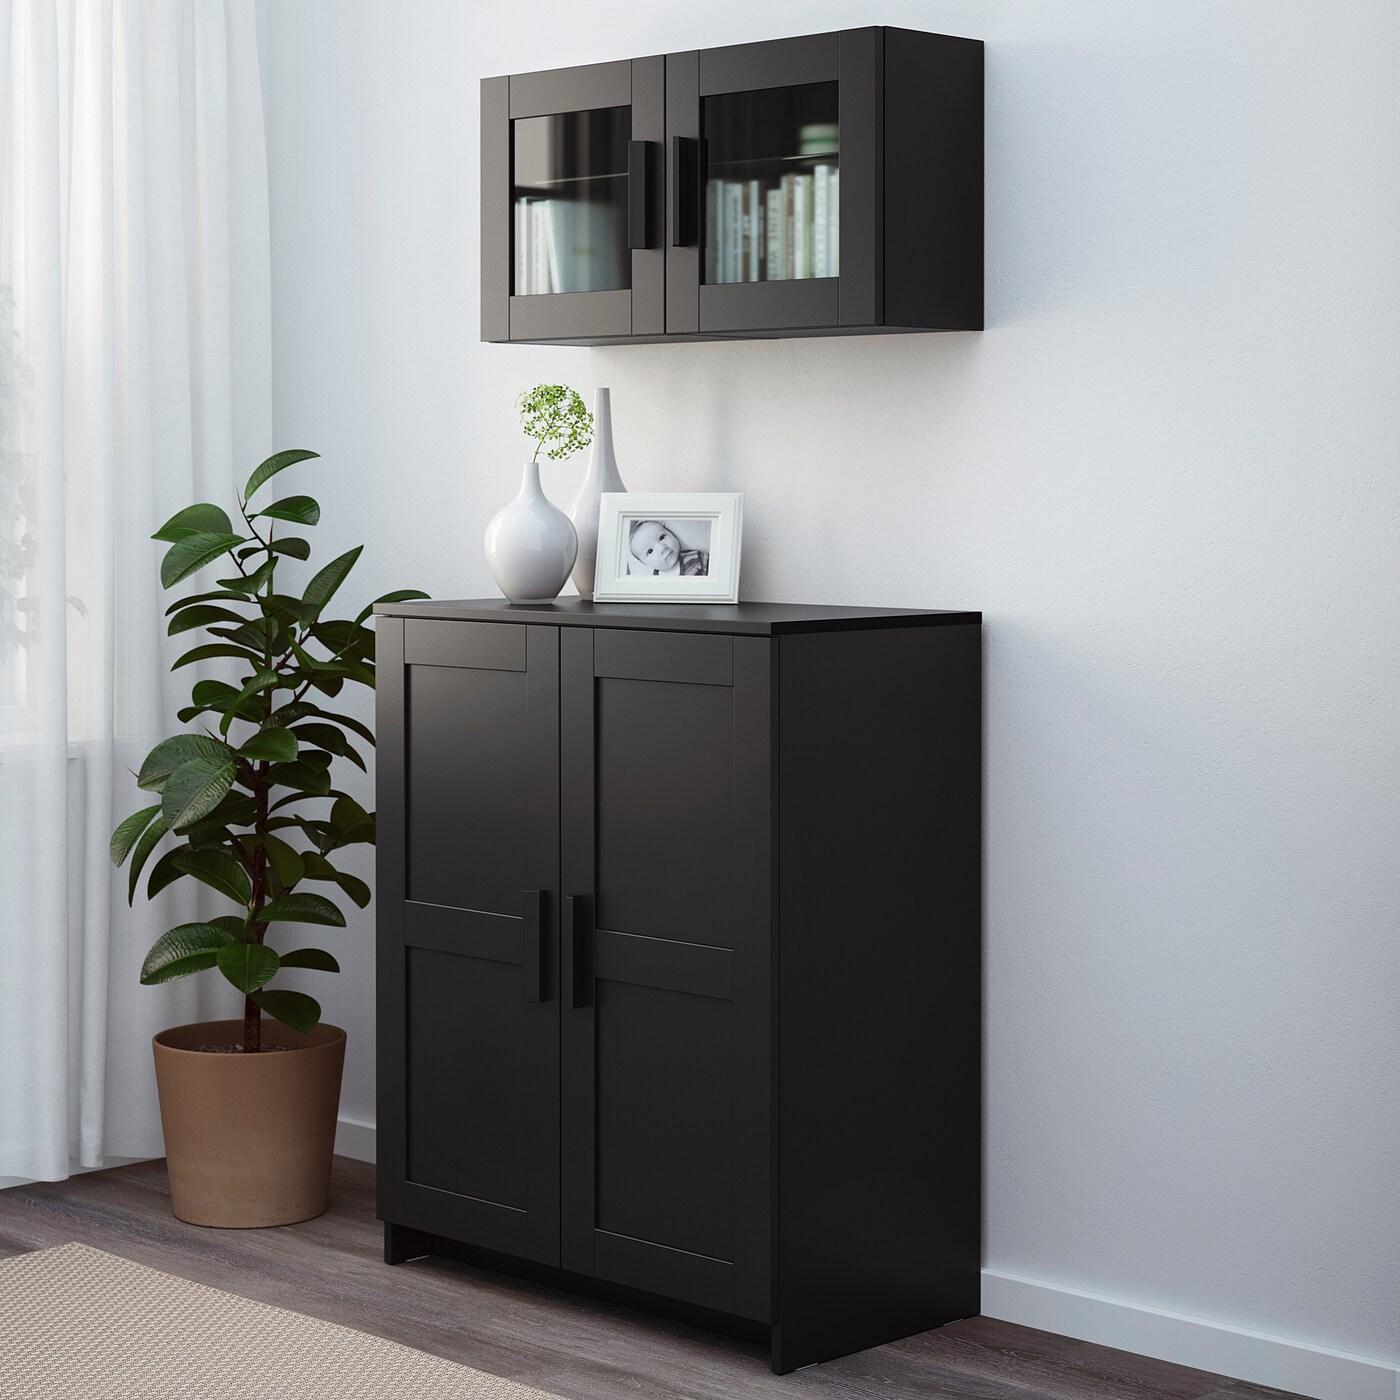 BRIMNES Schrank mit Türen   schwarz   IKEA Deutschland